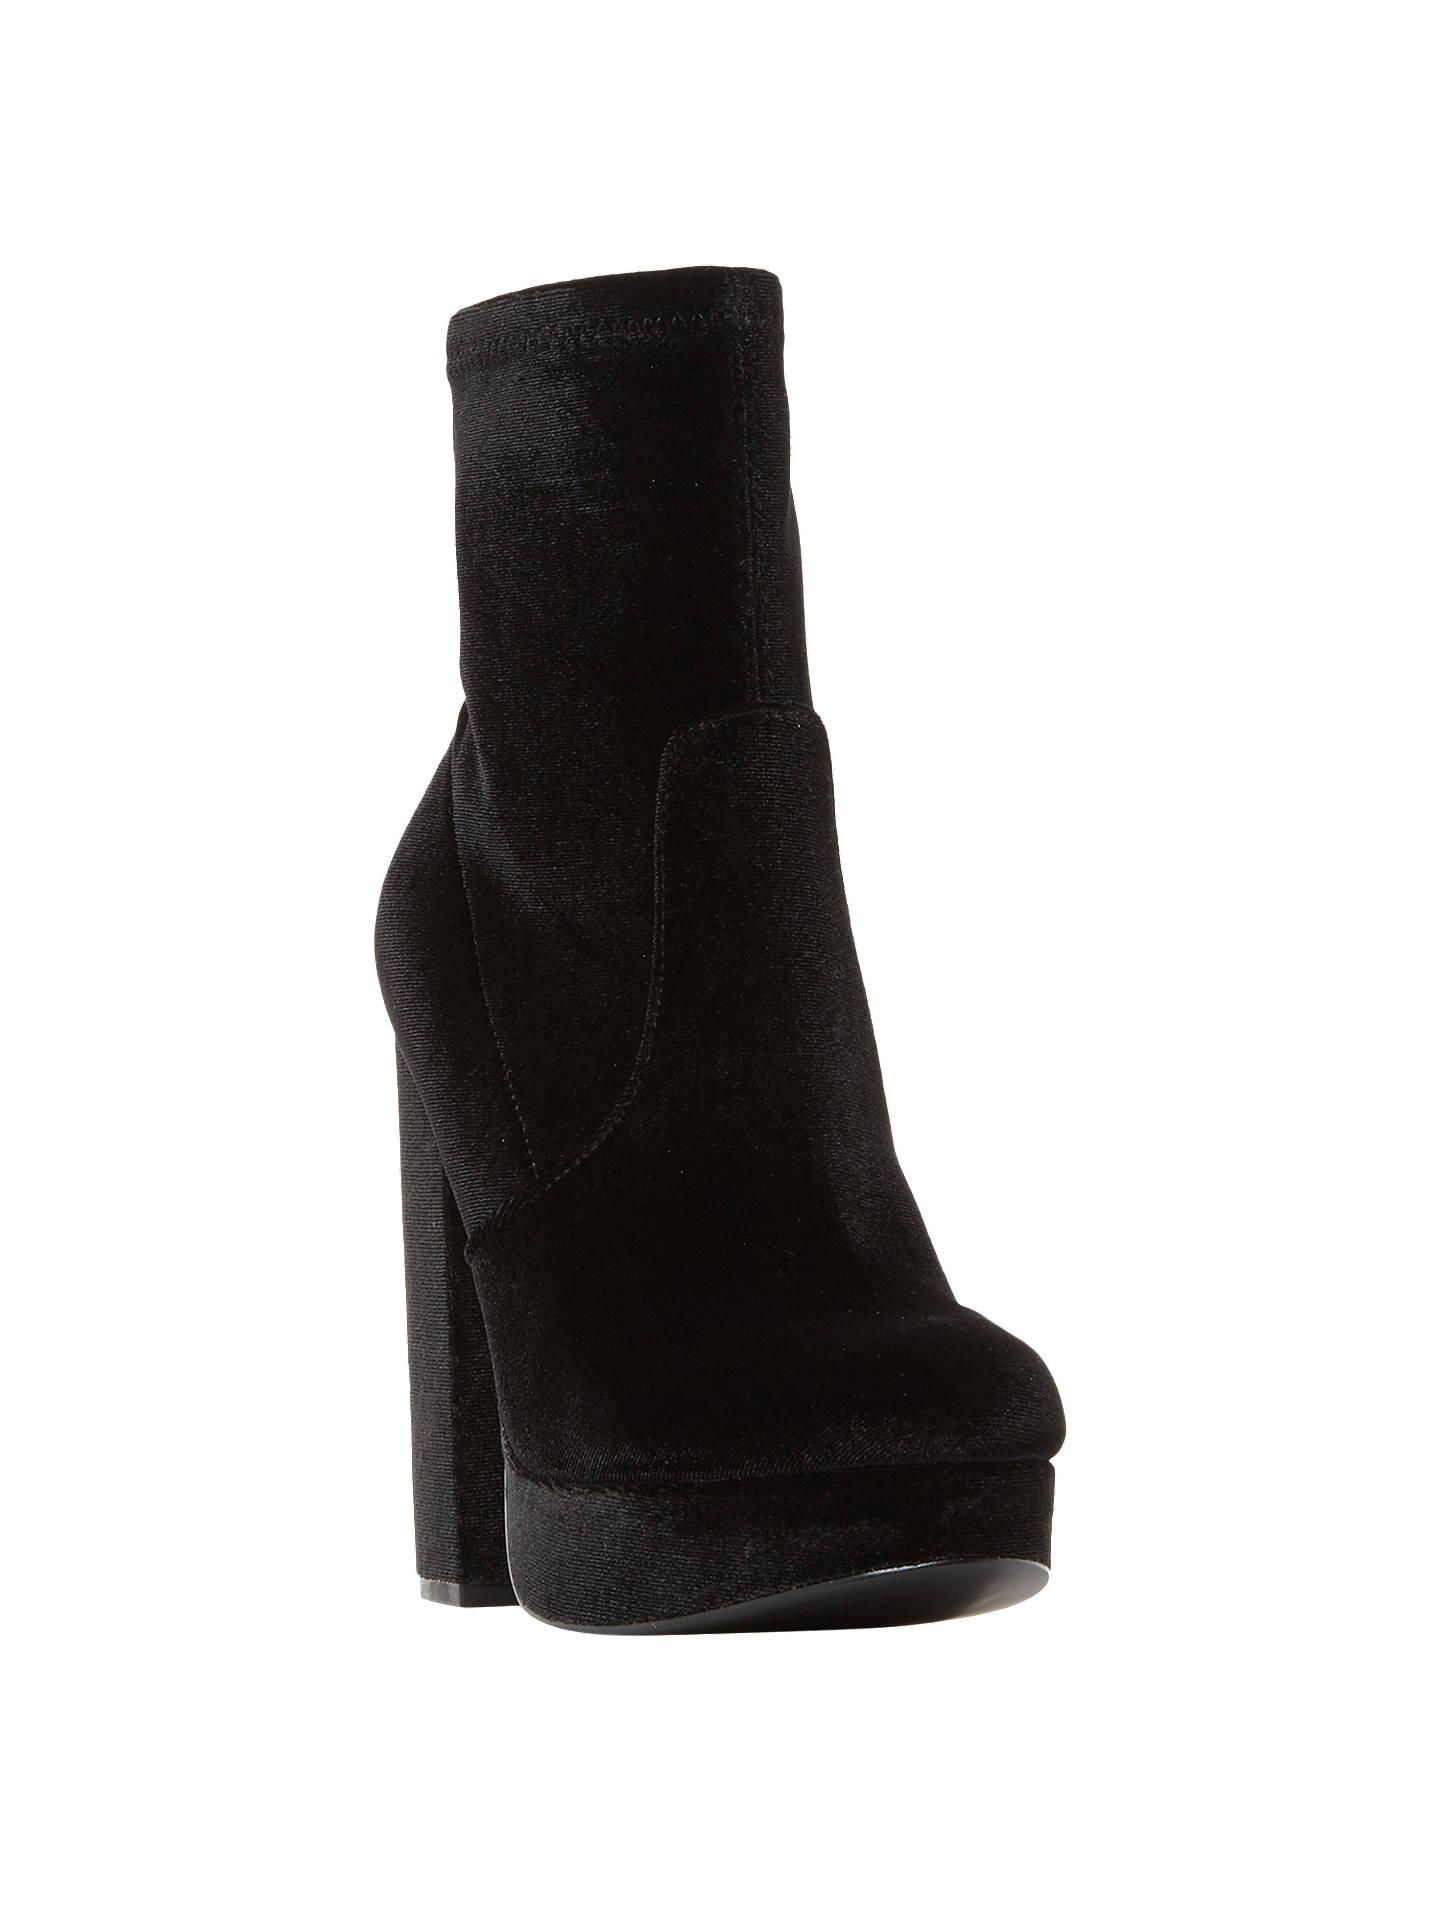 d01933472633 Buy Steve Madden Stardust Platform Block Heeled Ankle Boots